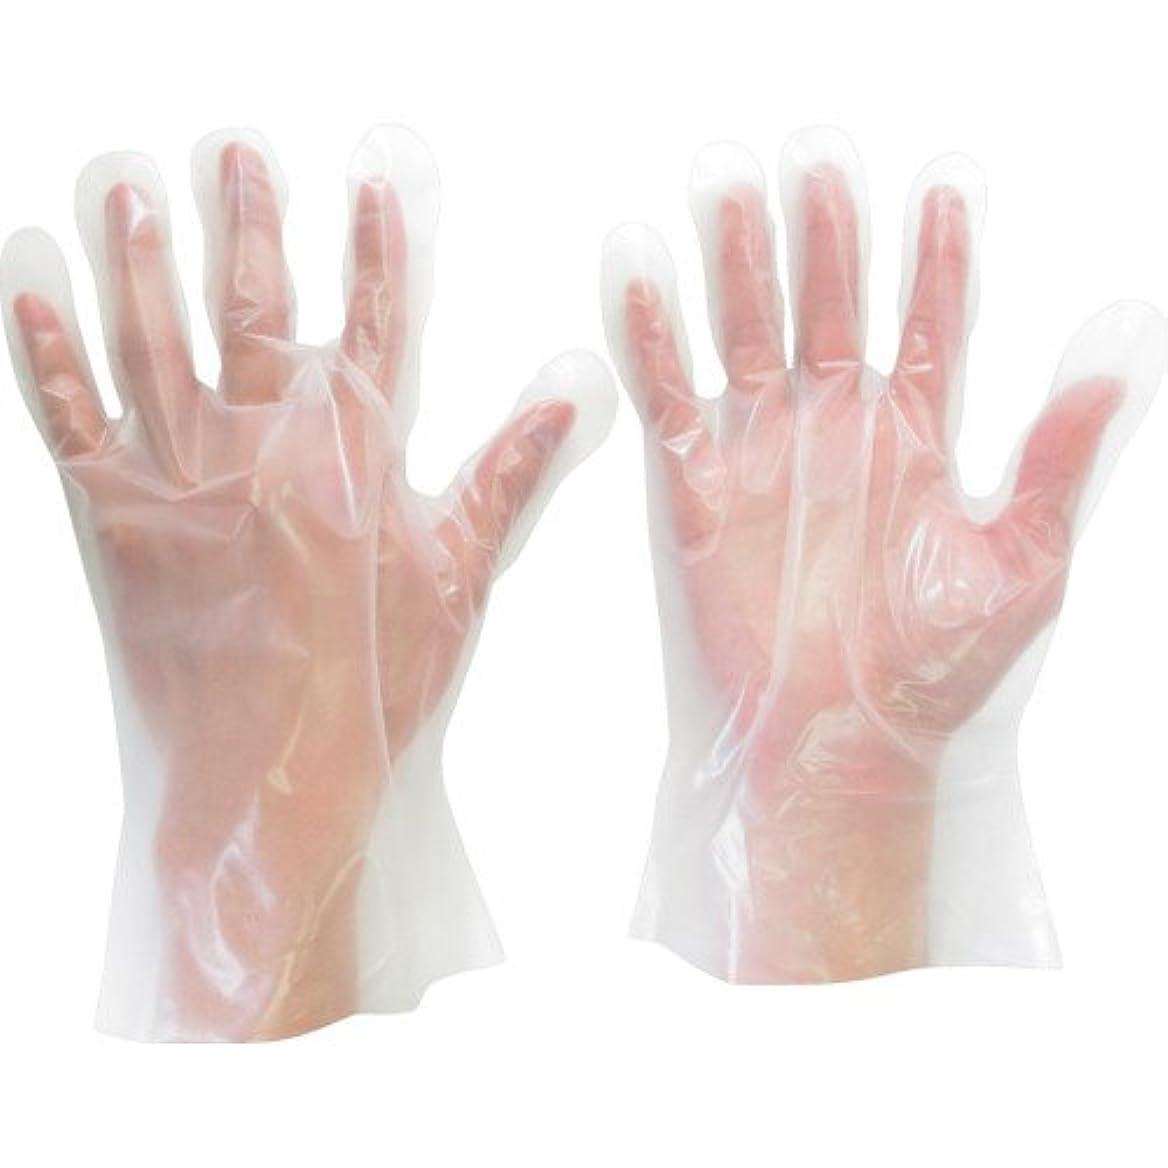 変な影響力のある気候の山ミドリ安全 ポリエチレン使い捨て手袋 外エンボス 200枚入 M VERTE575M